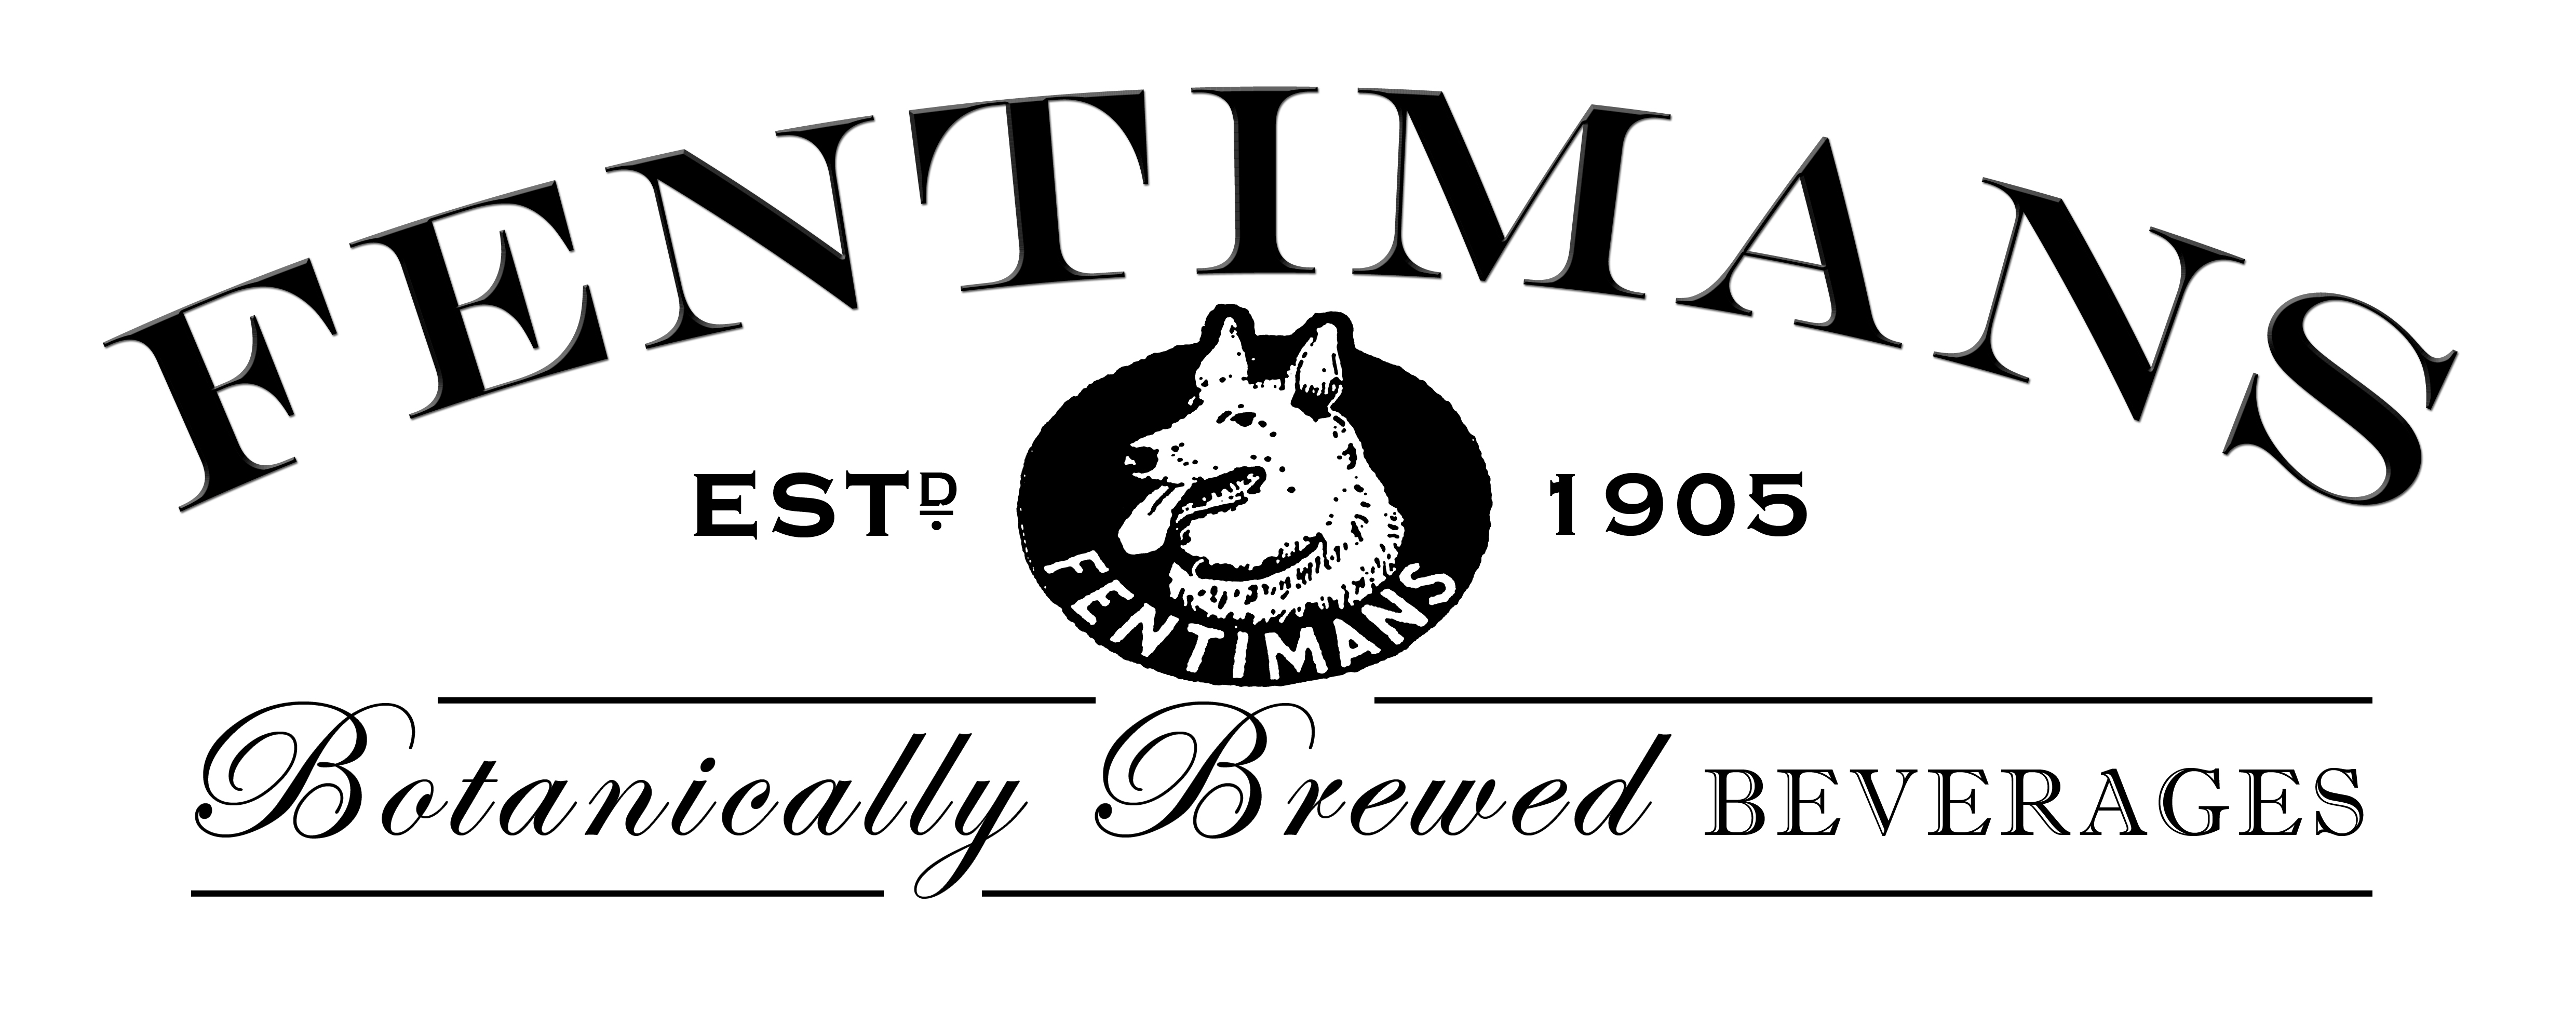 Fentiman's